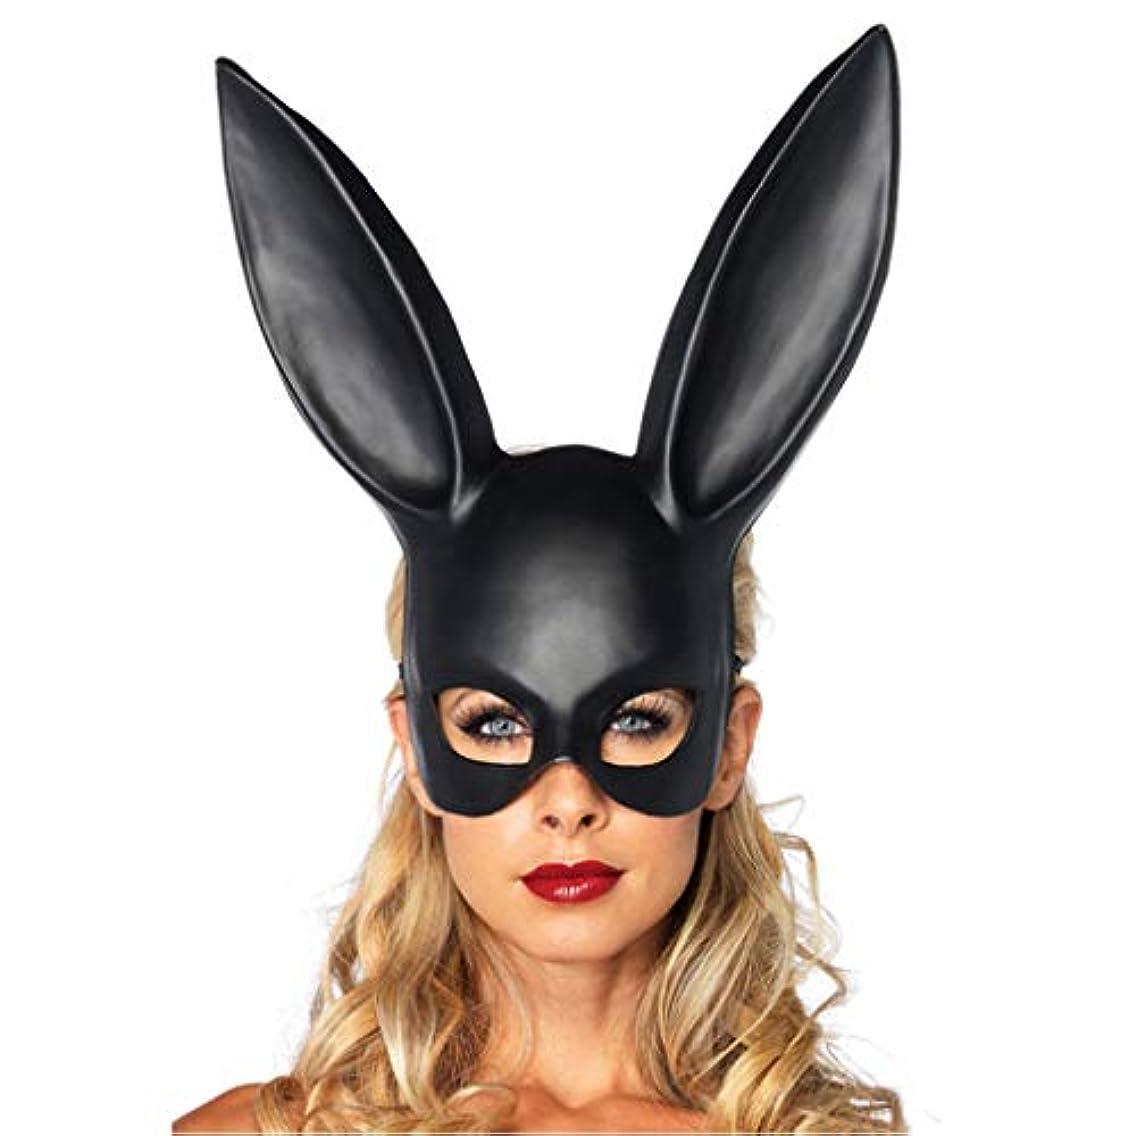 分析的偽装する思い出すハロウィンうさぎ耳仮面舞踏会ボールパーティーコスプレコスチュームパーティー (Color : MATT BLACK)